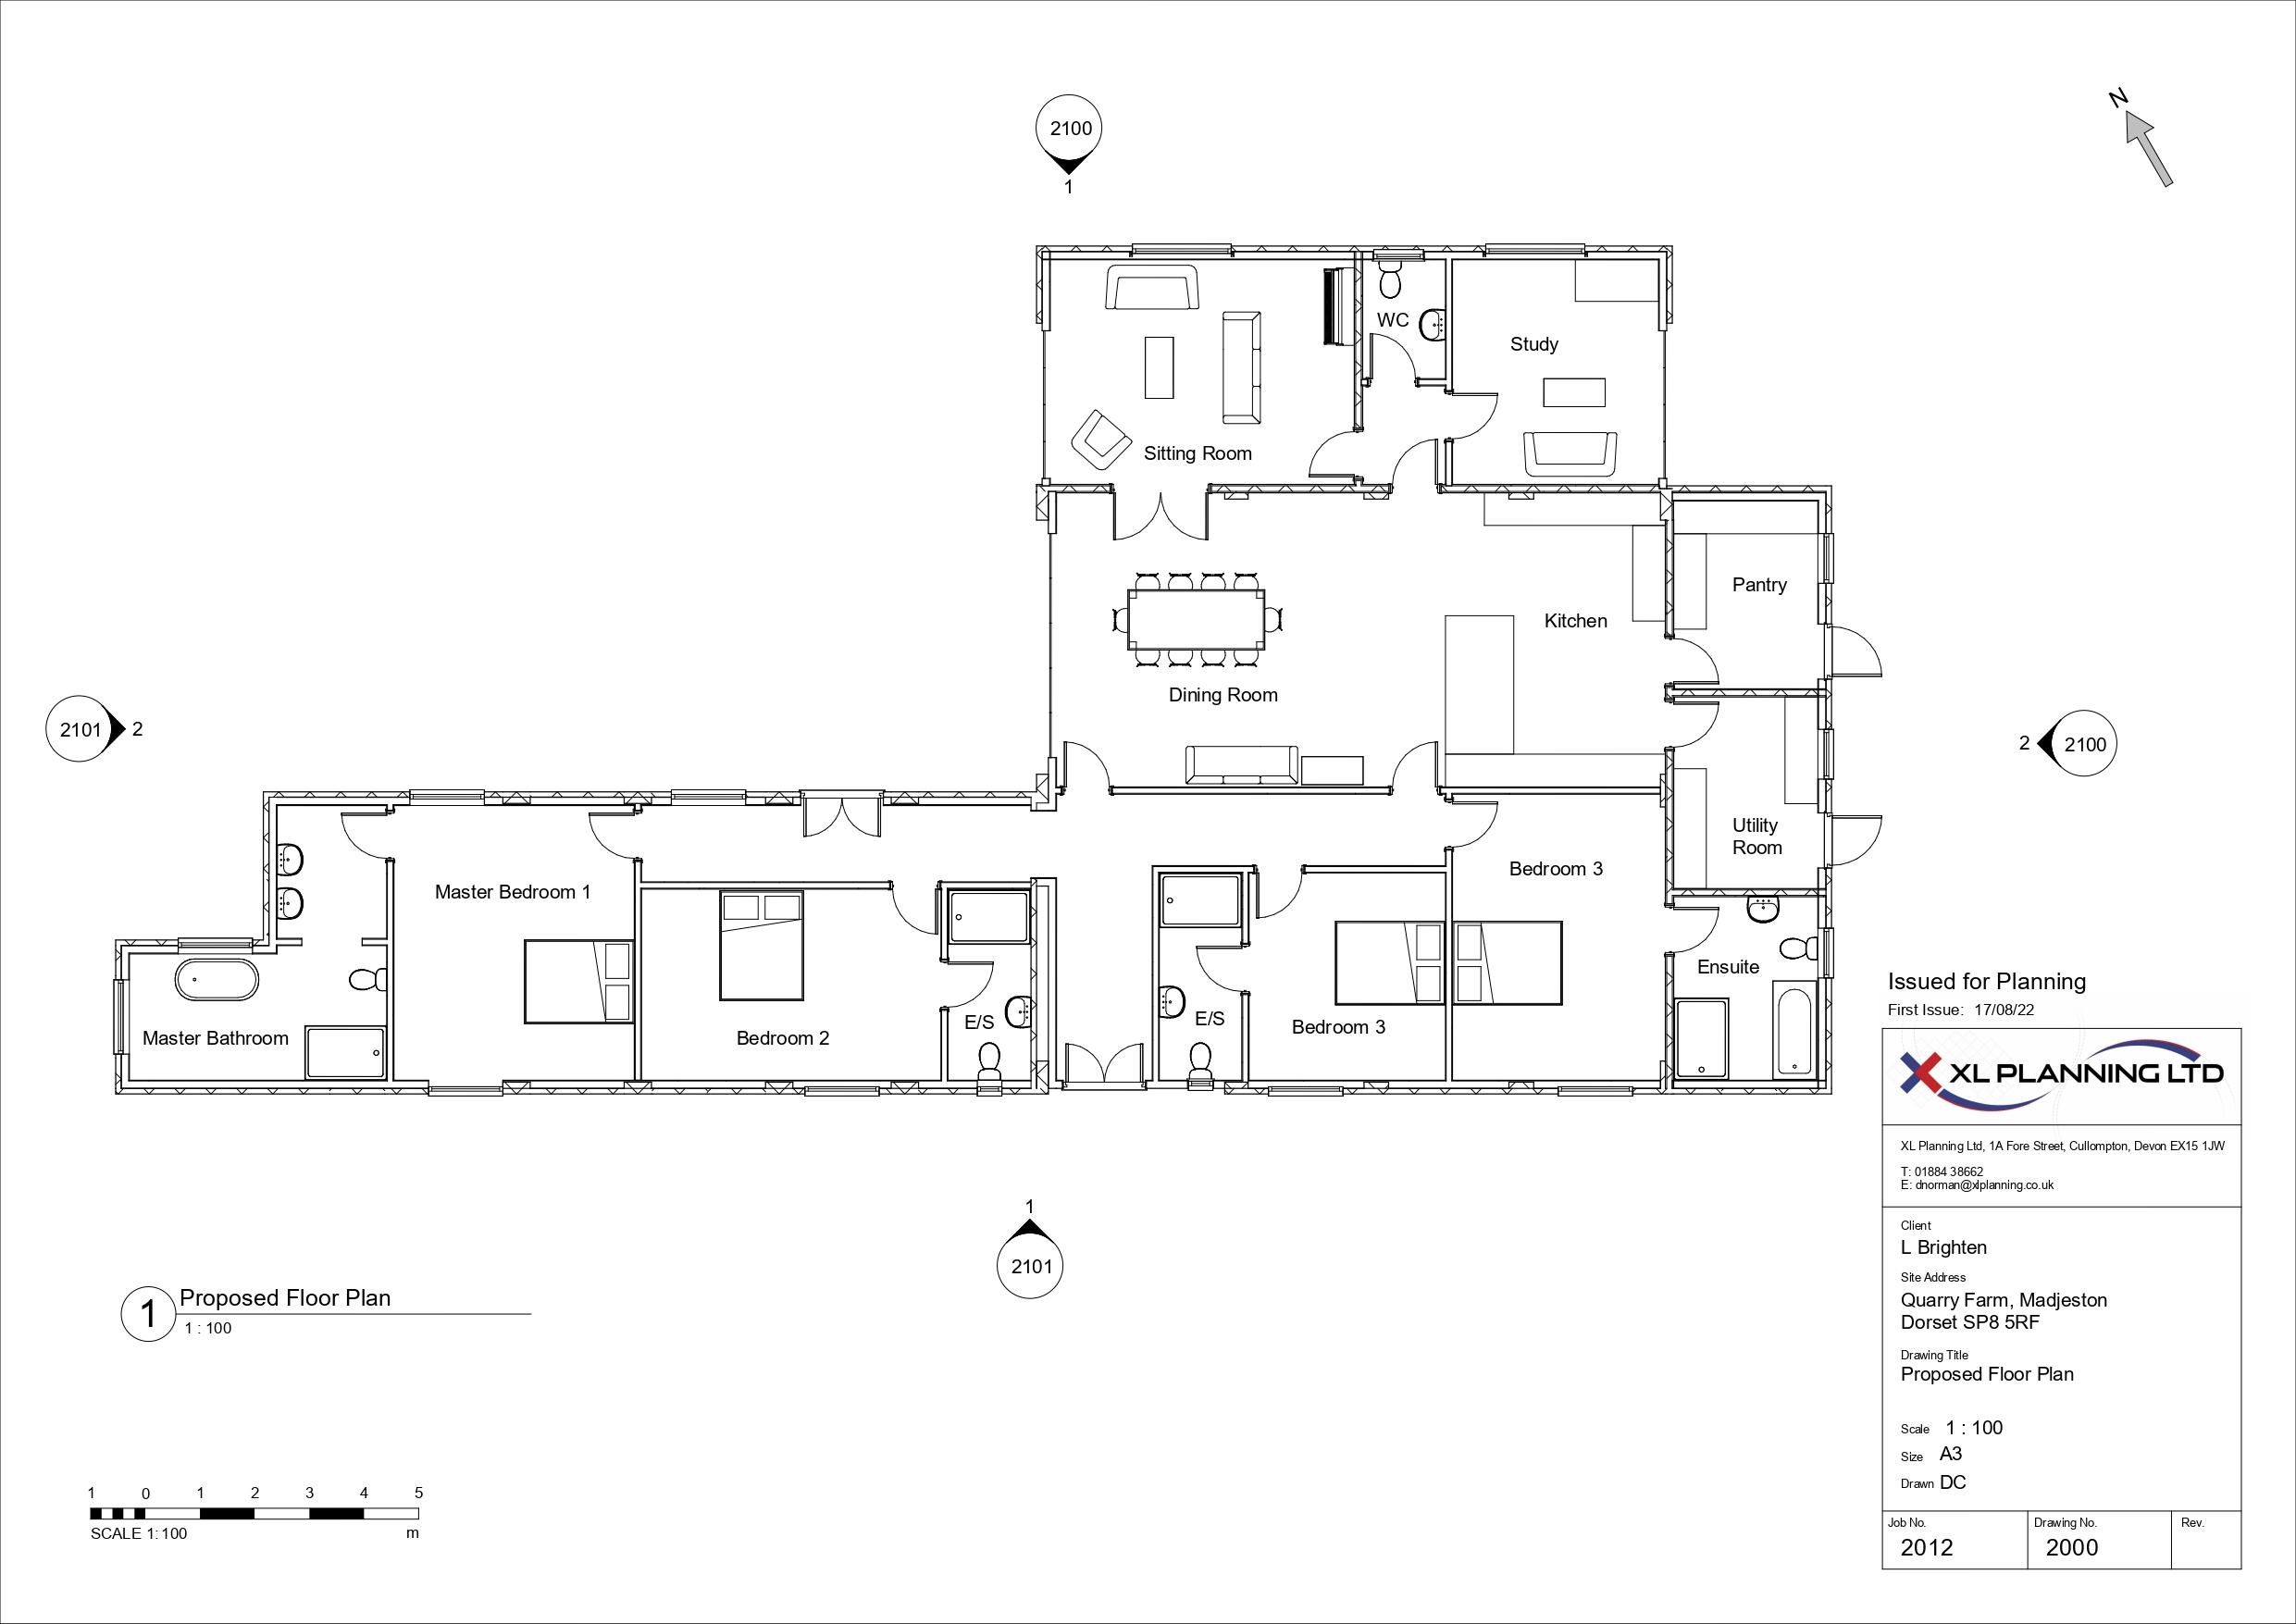 Floorplan - Eccliffe, Gillingham, Dorset, SP8 5RE